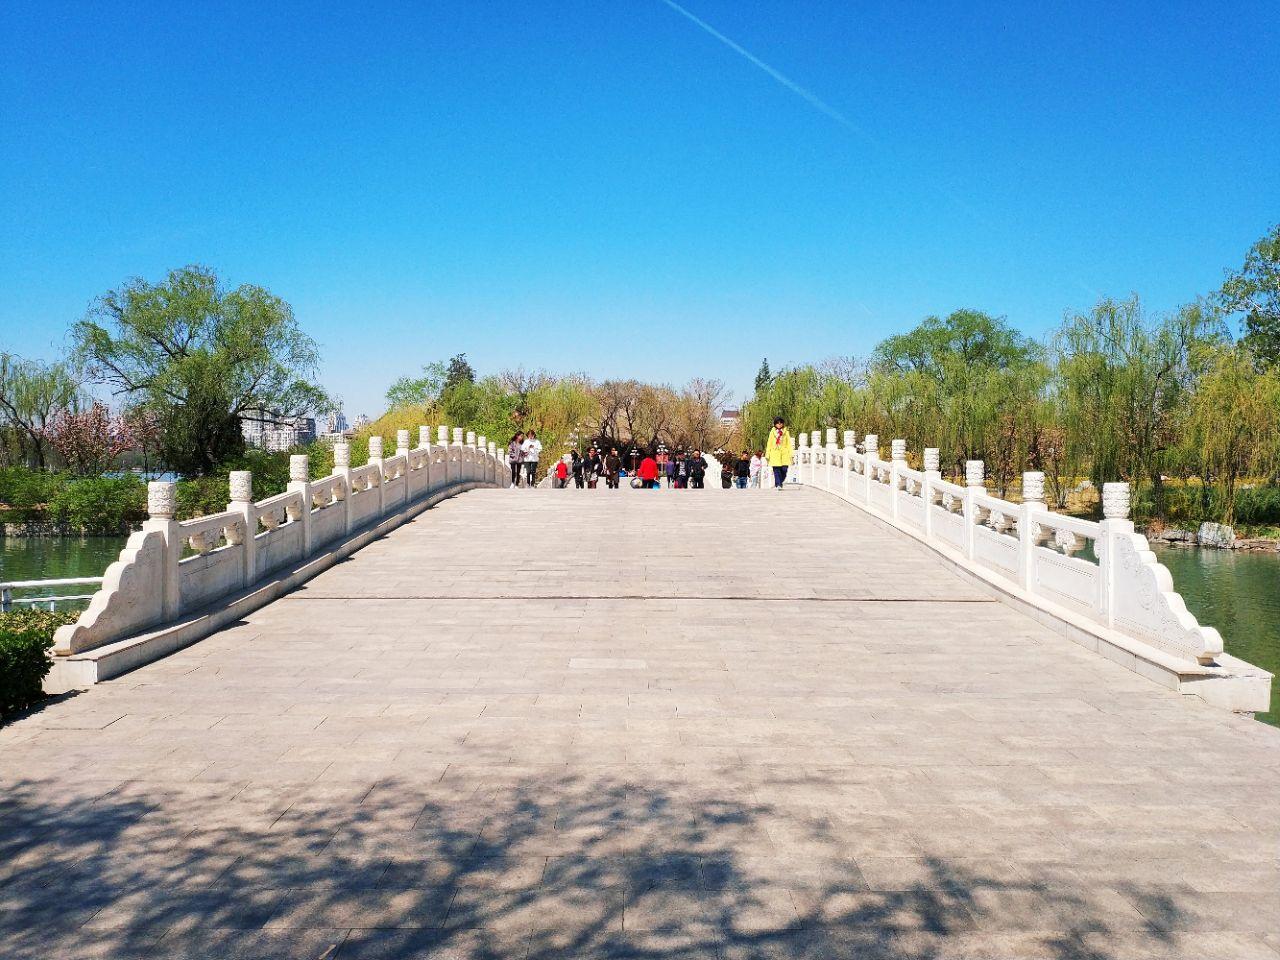 园区内有休闲广场,儿童乐园,游船码头等,还有天津动物园.